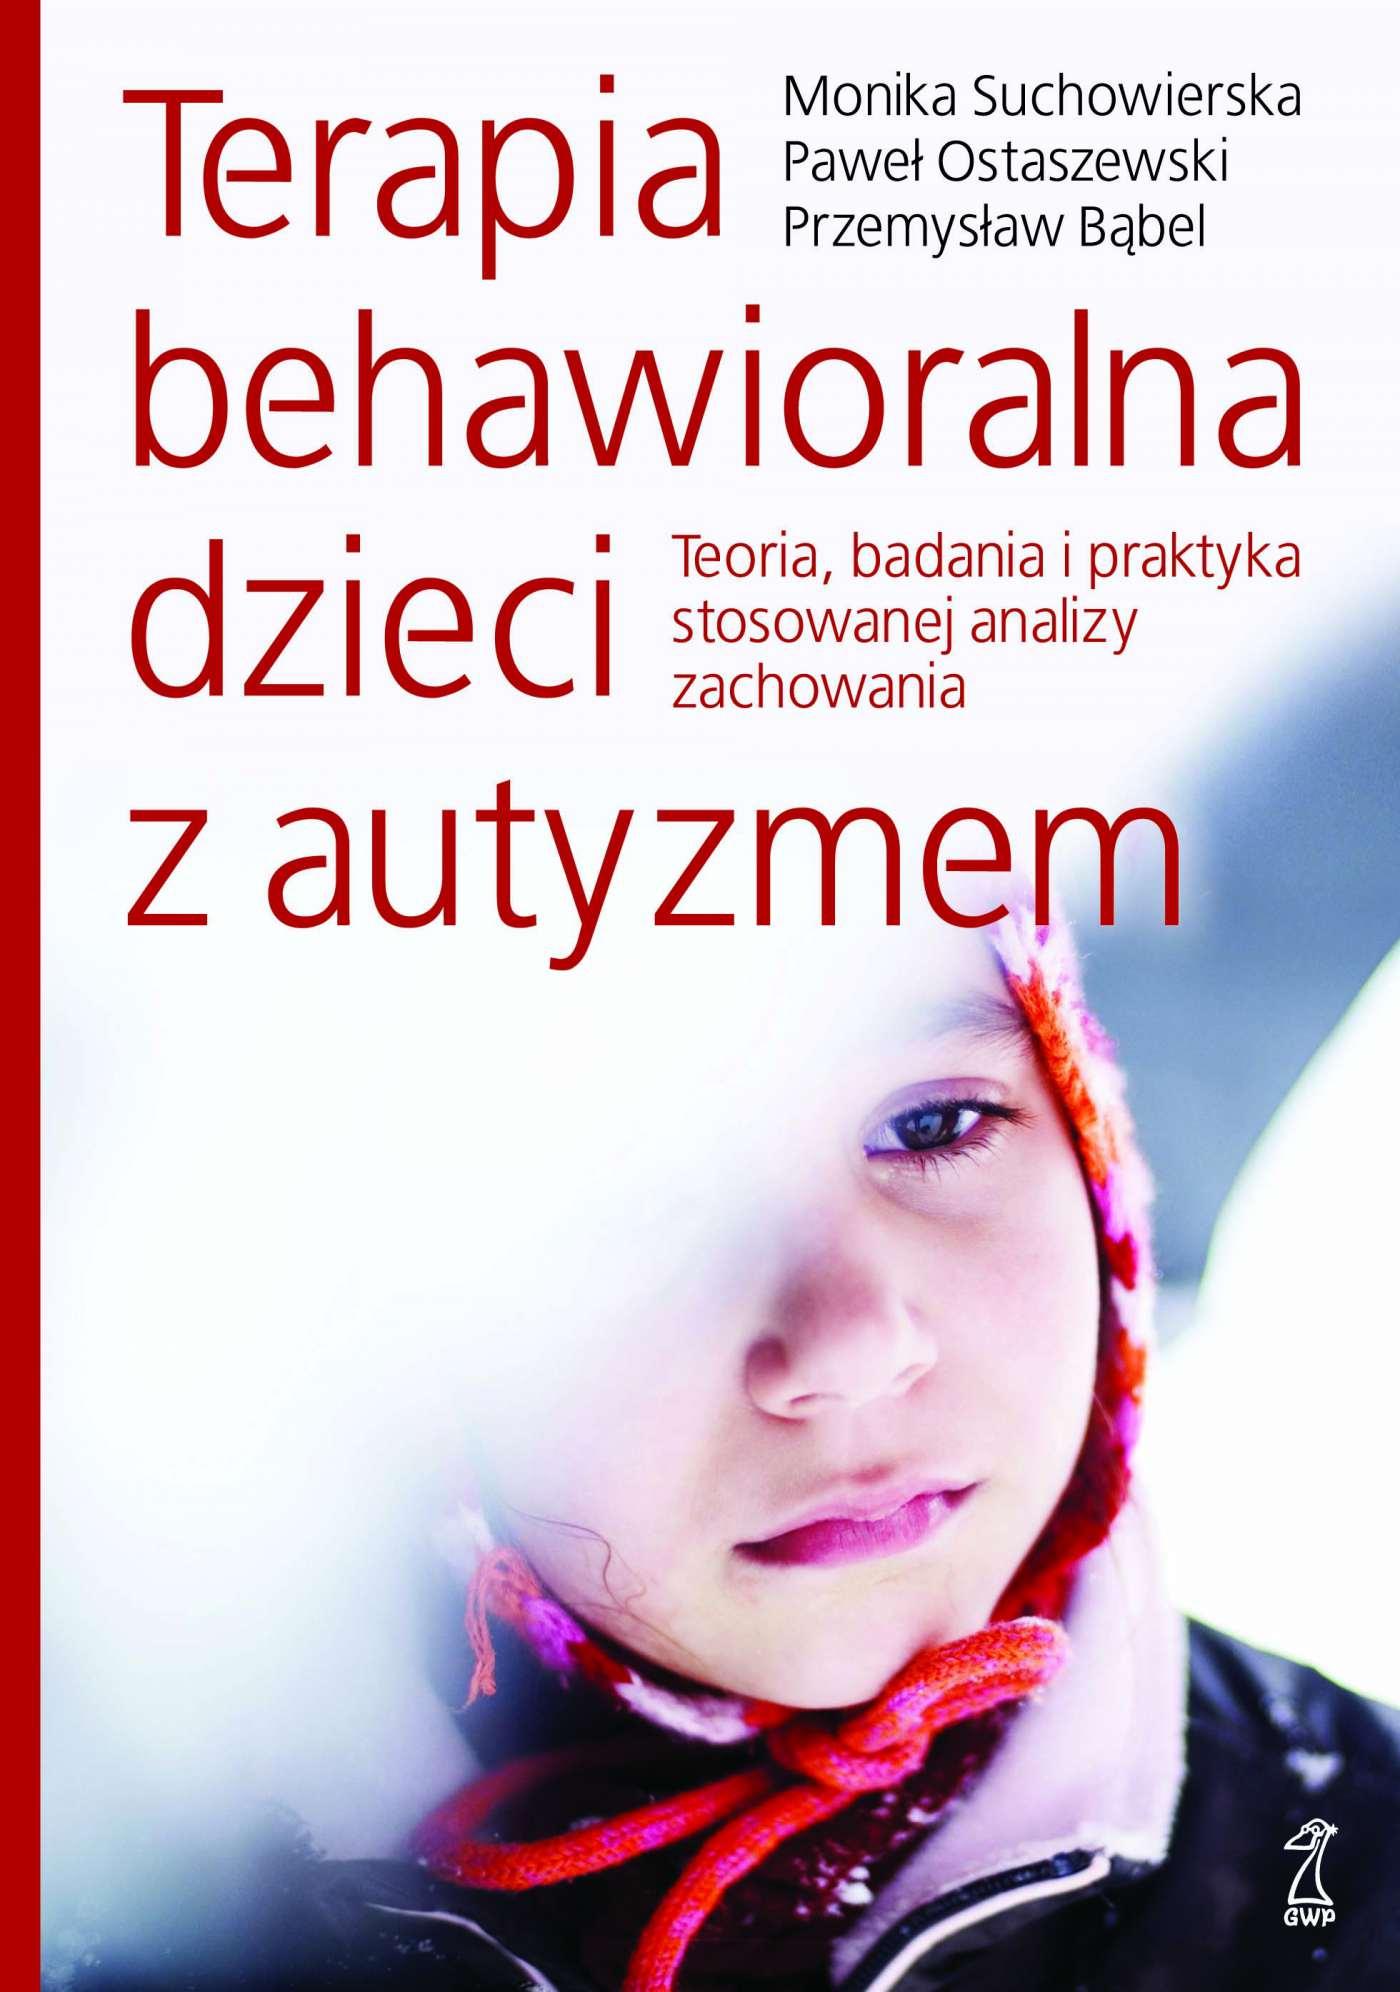 Terapia behawioralna dzieci z autyzmem. Teoria, badania i praktyka stosowanej analizy zachowania - Ebook (Książka na Kindle) do pobrania w formacie MOBI